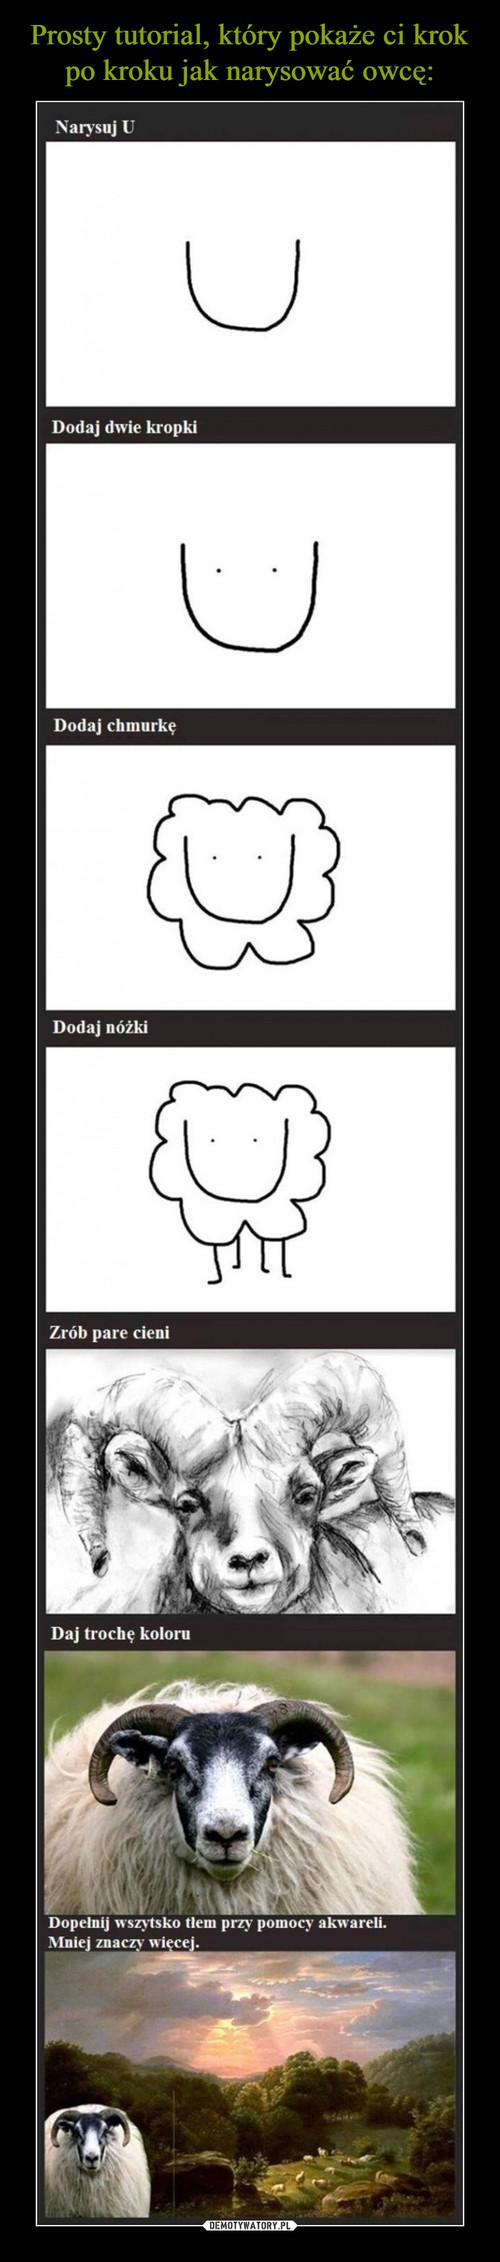 Prosty tutorial, który pokaże ci krok po kroku jak narysować owcę: